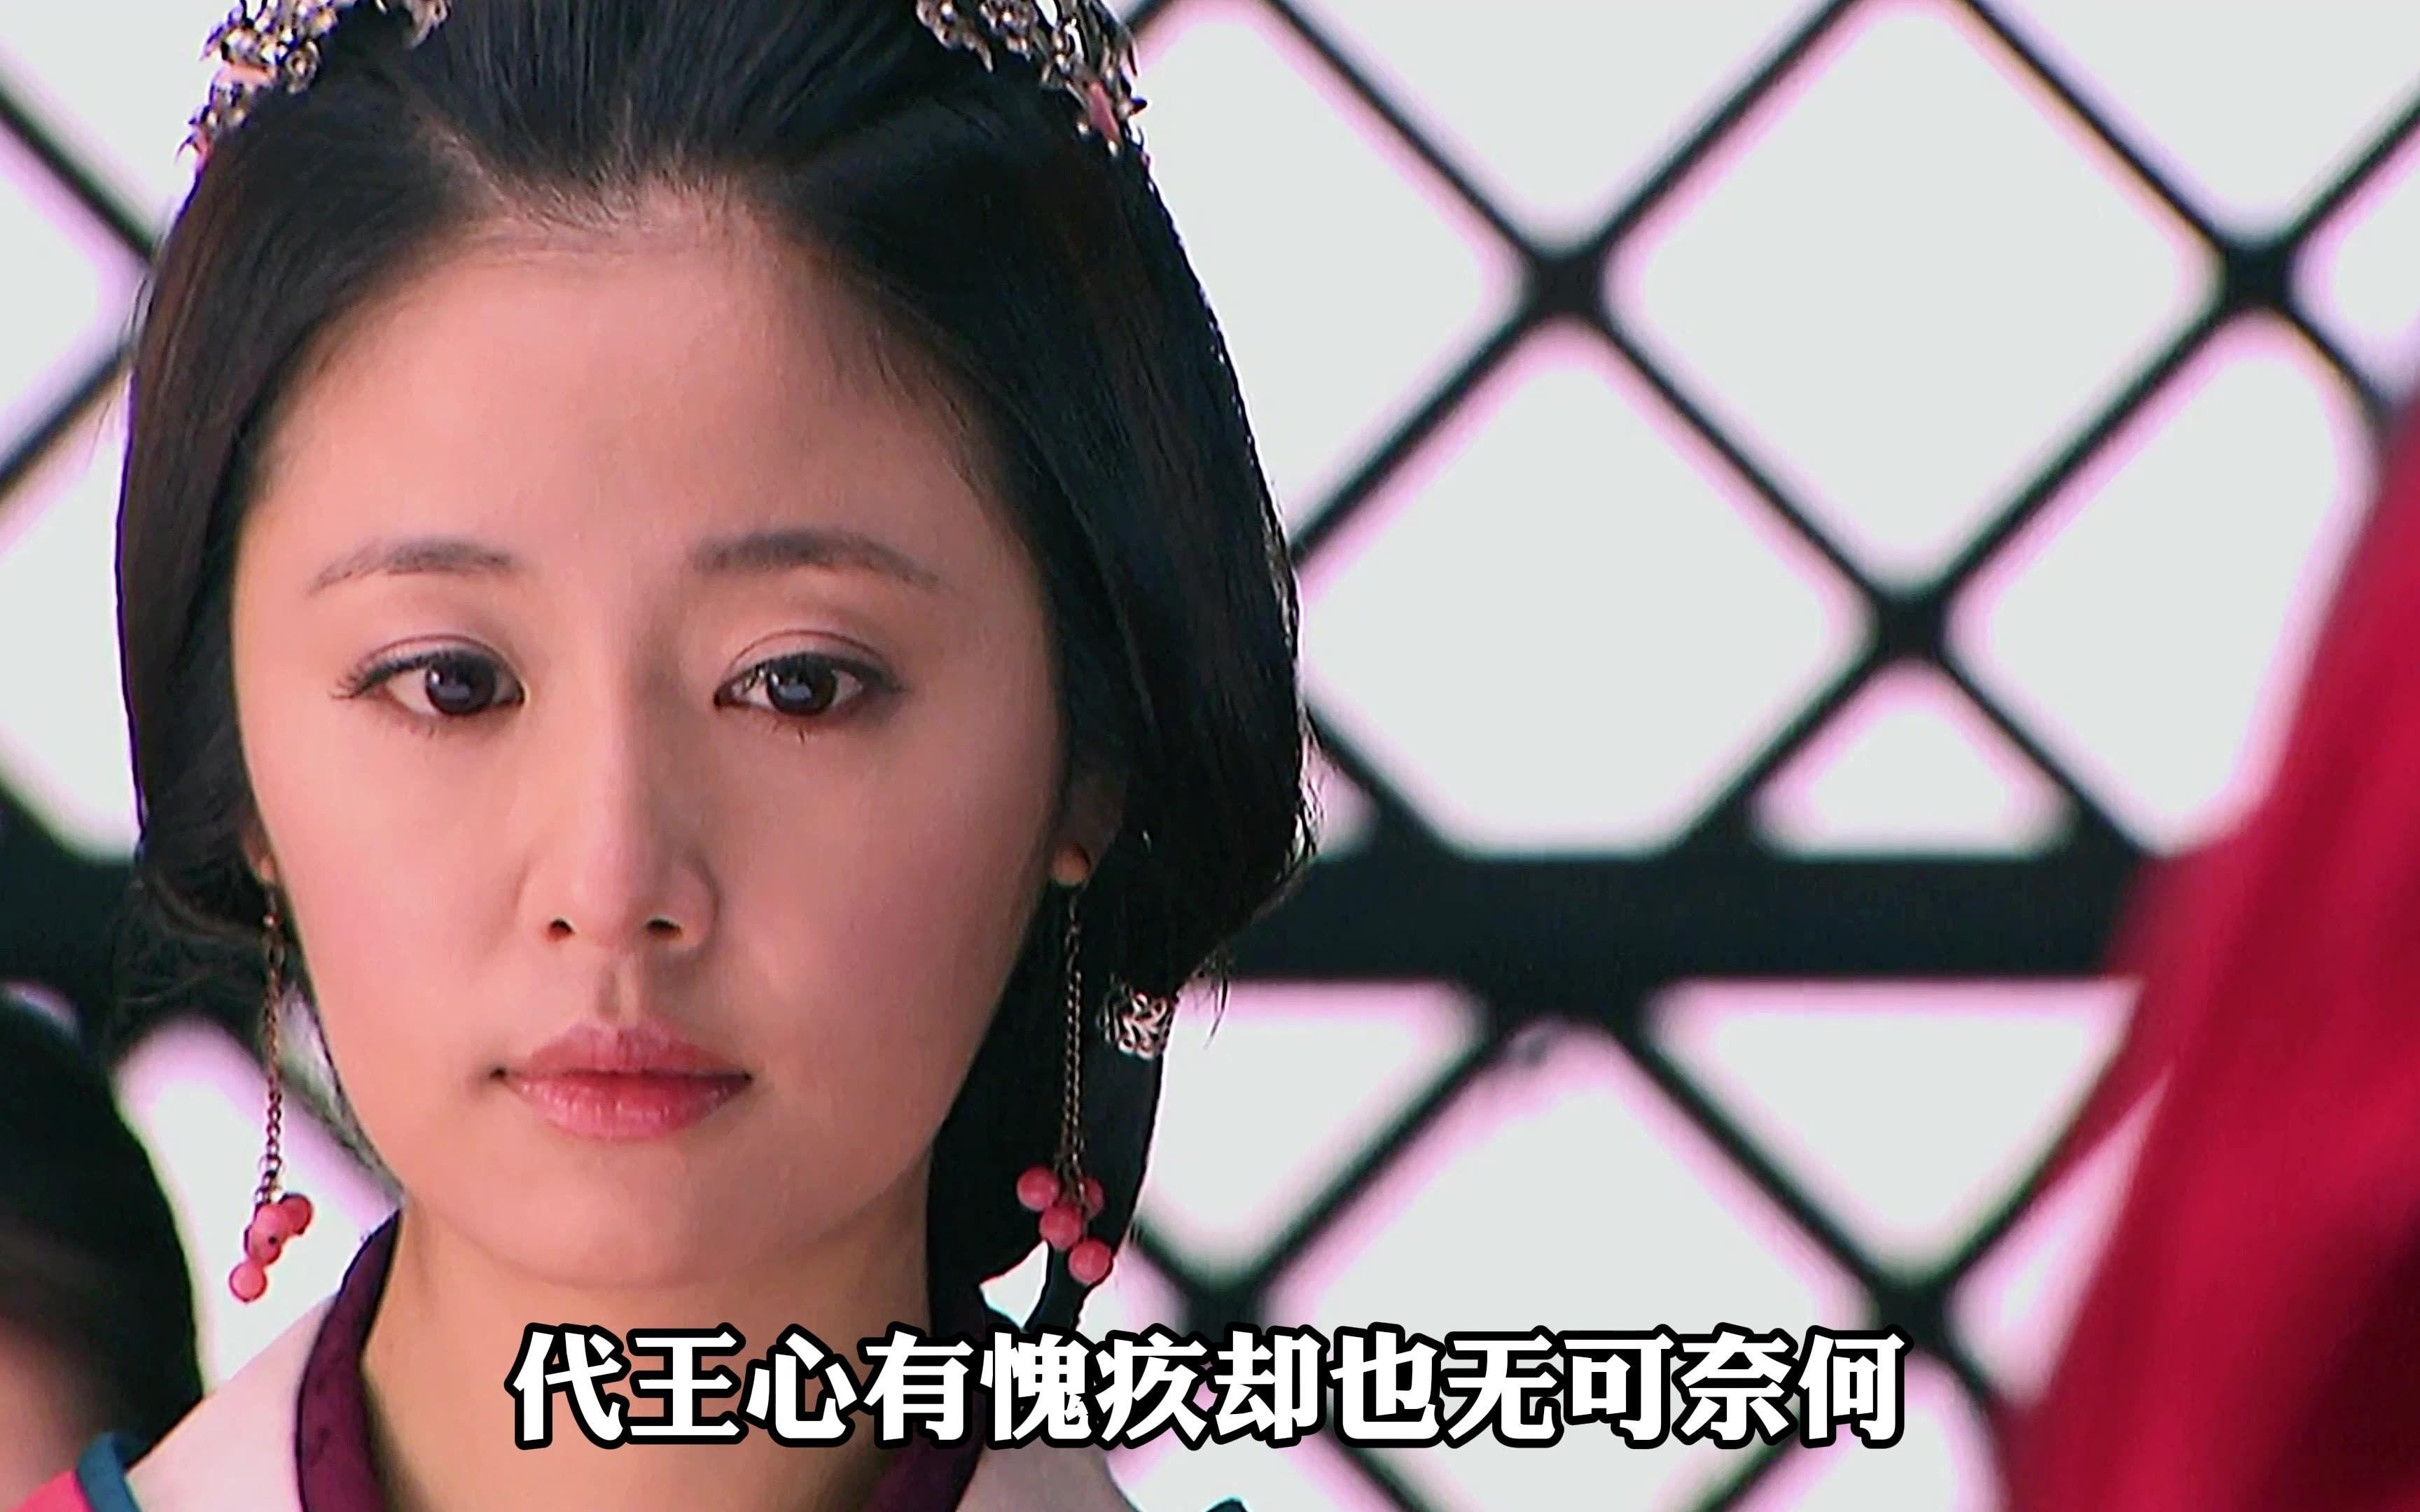 【11】机智美人得大王专宠,新婚夜,大王丢下新王后,另娶美人!